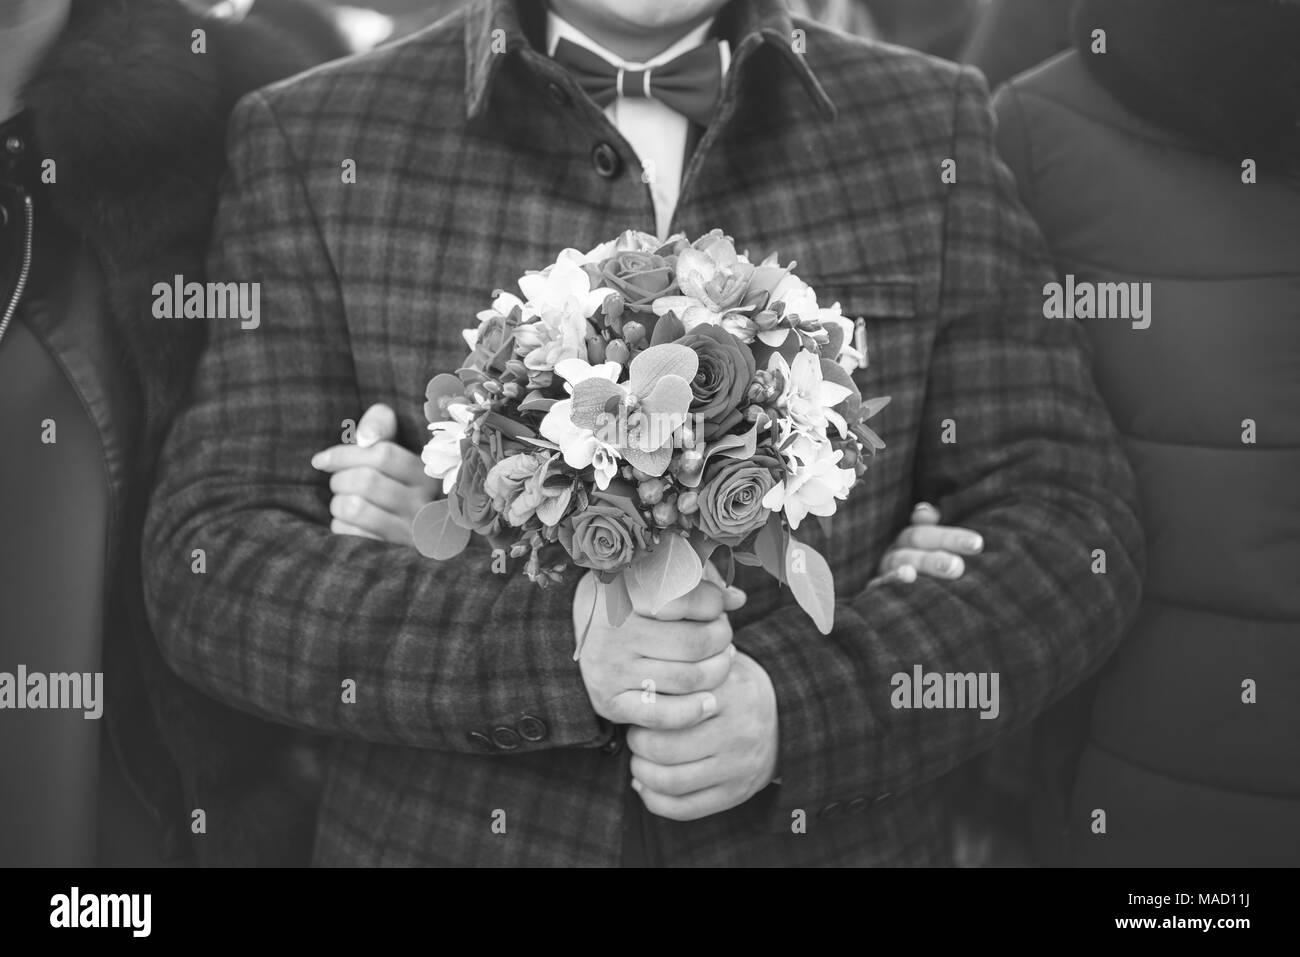 Sposo abiti eleganti con bouquet nelle sue mani sta per sposa, giorno di nozze, in bianco e nero di tonificazione Immagini Stock